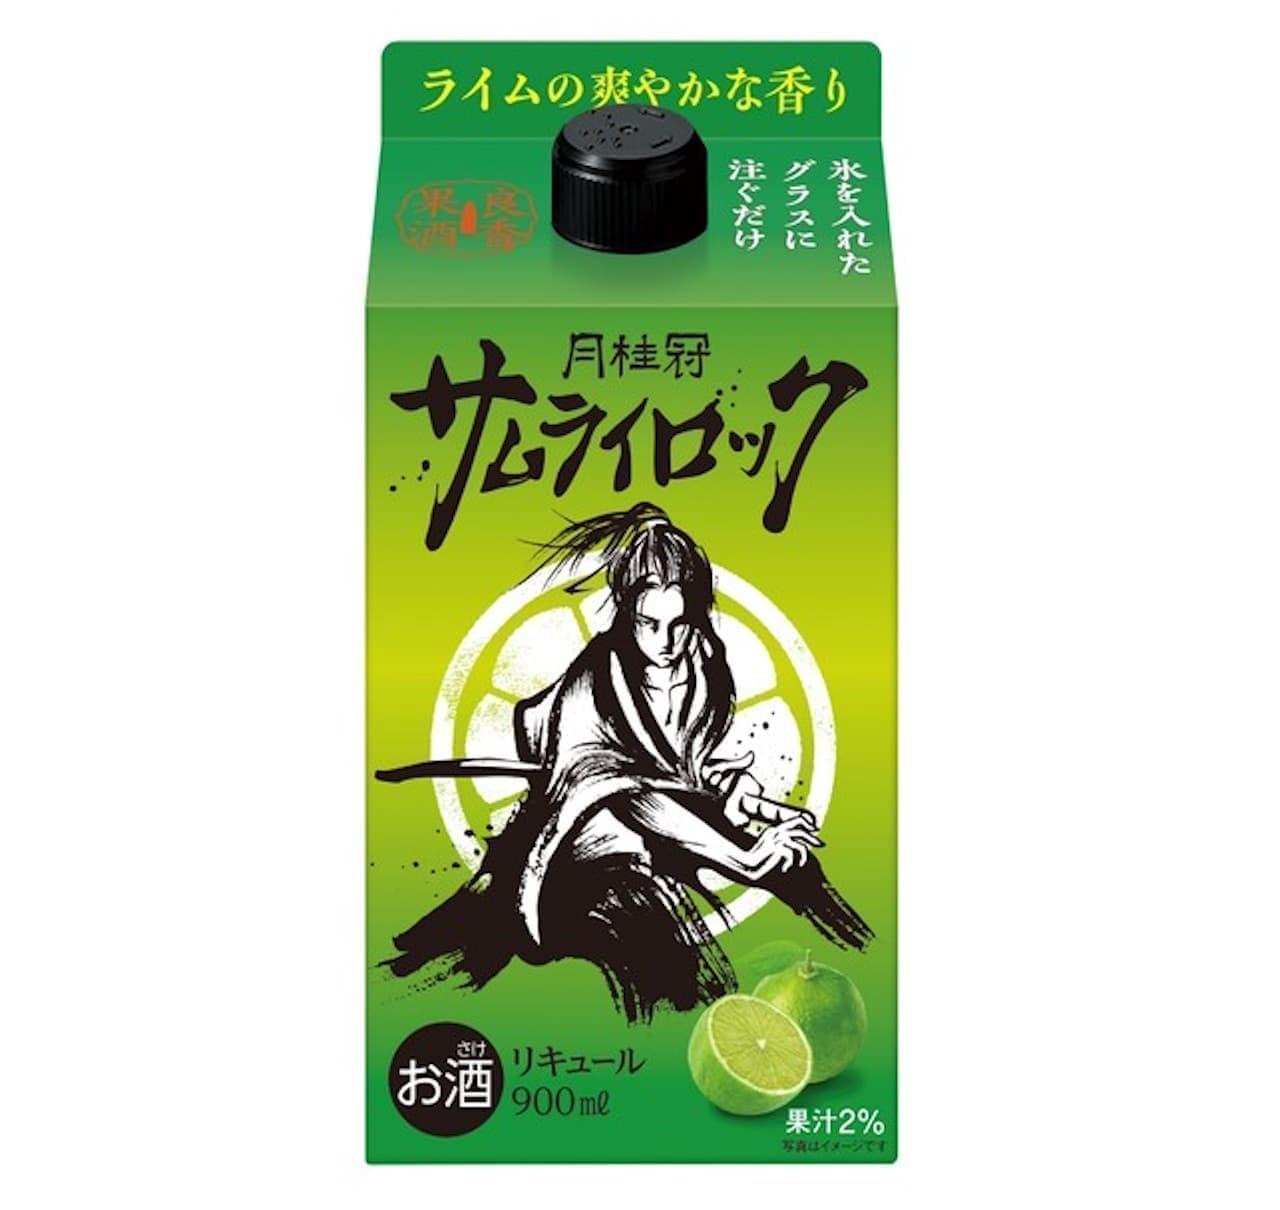 ライム果汁入り日本酒「サムライロックパック」